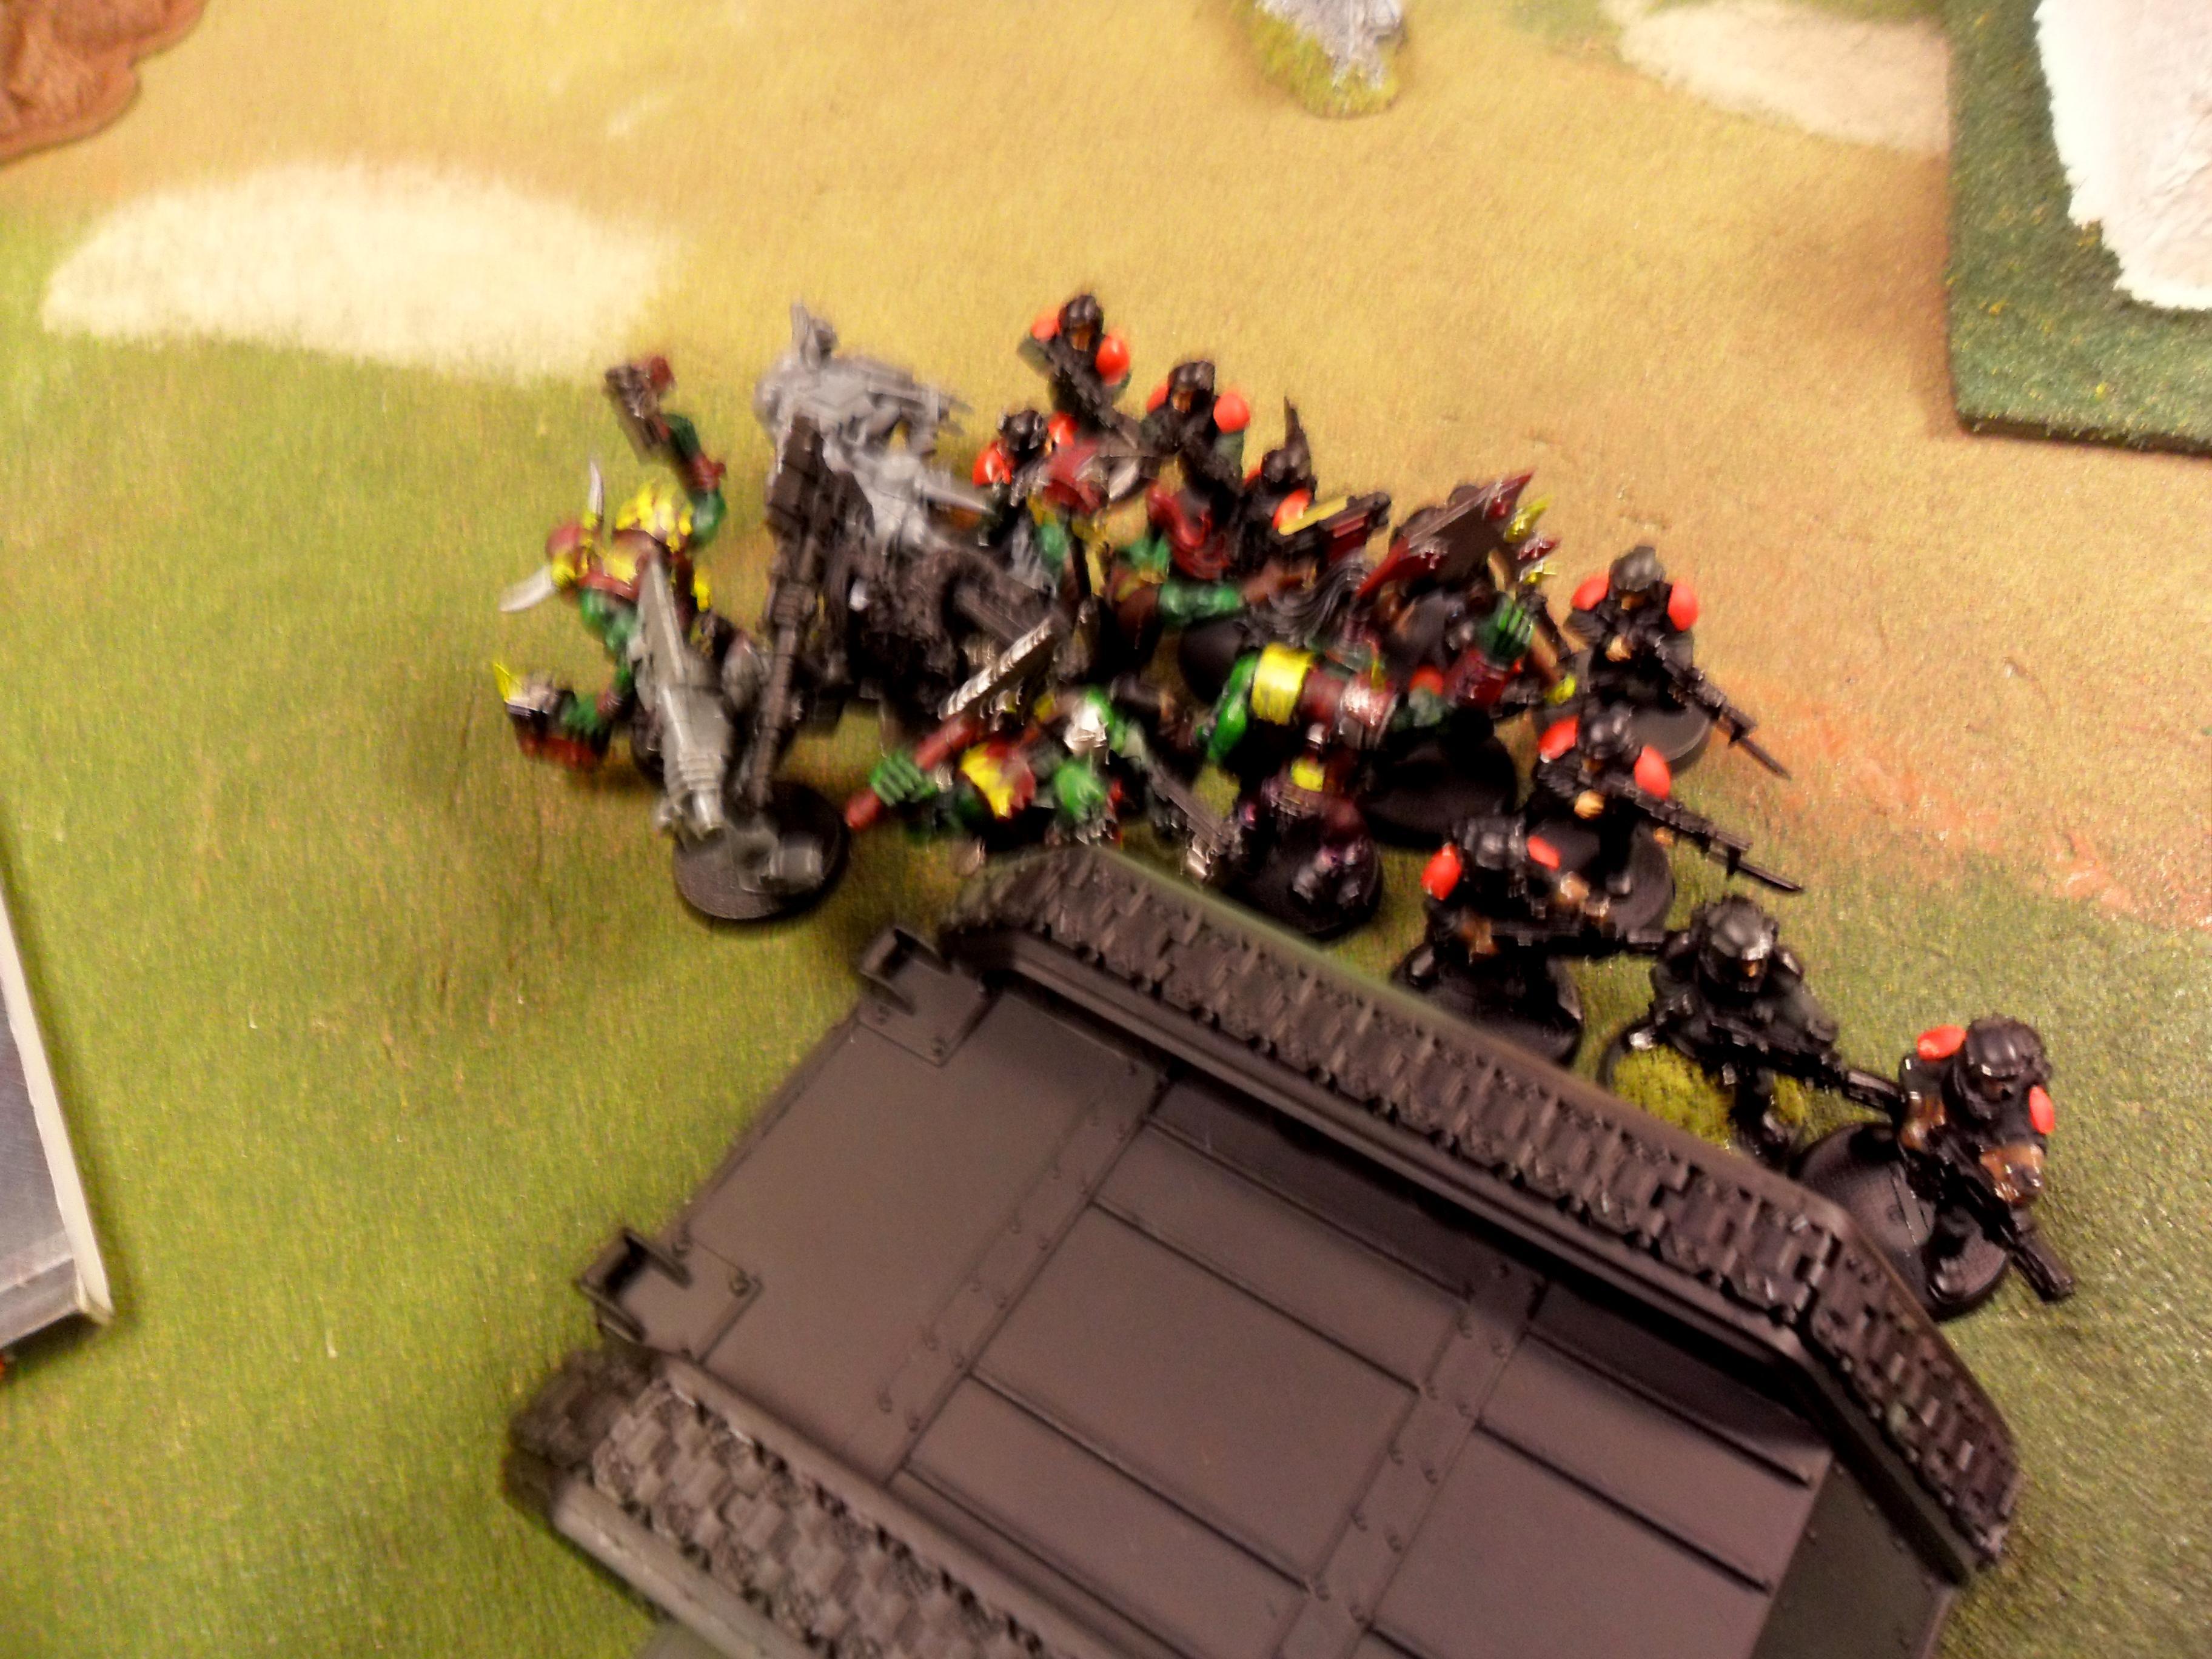 049 Ork assault 02 05-15-11